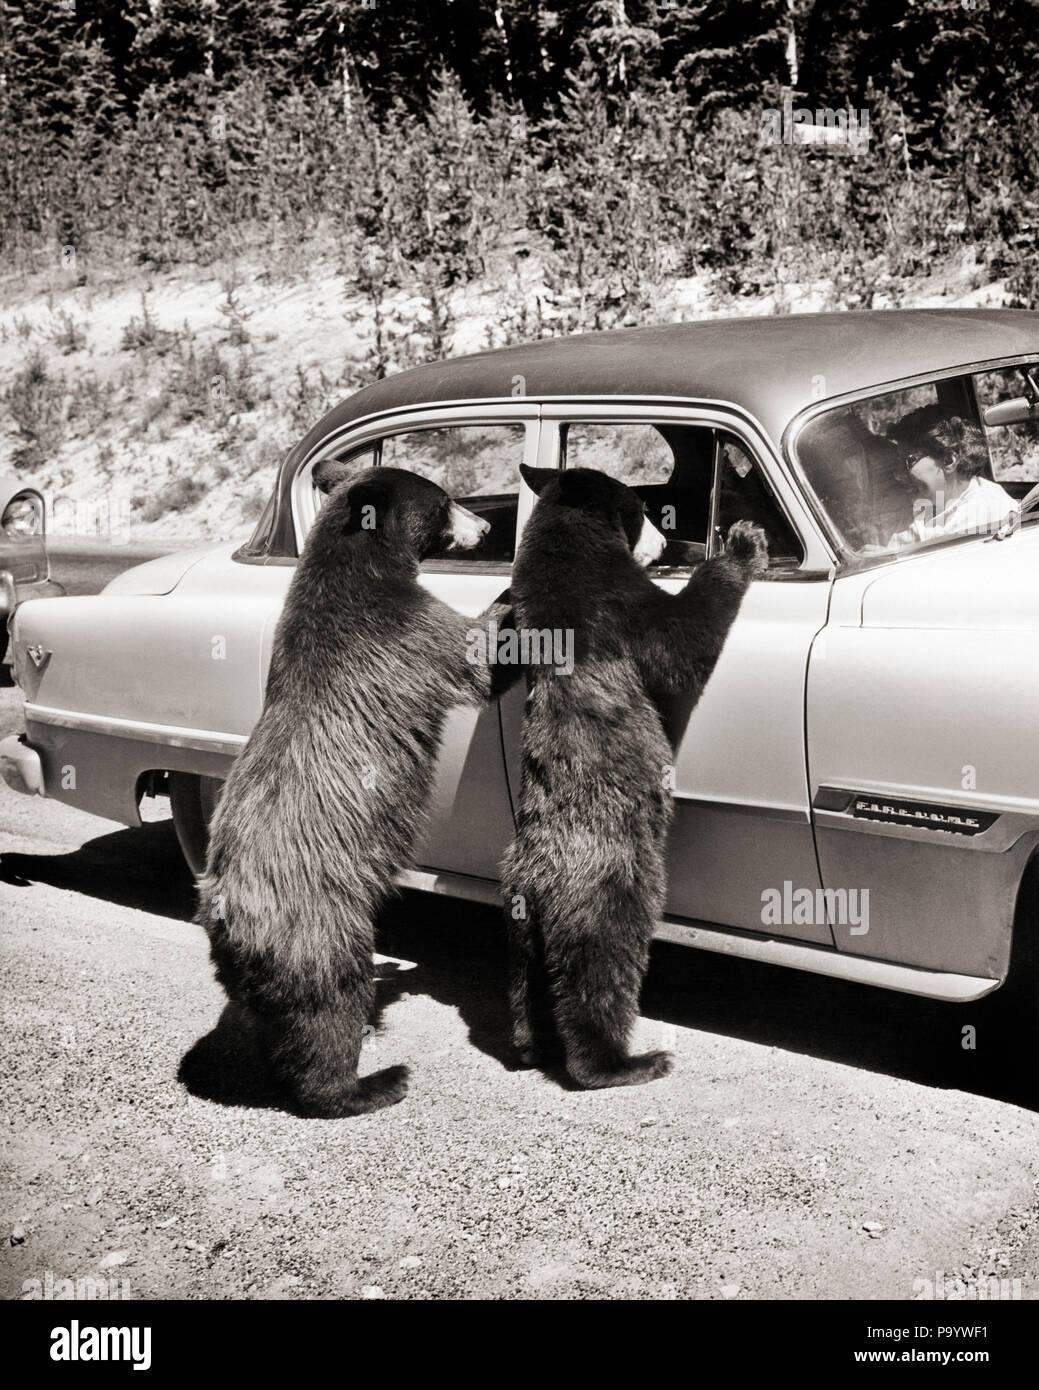 Années 1950 deux ours noirs (Ursus americanus DEBOUT À LA VOITURE DE WINDOWS dans le parc national de Yellowstone au Wyoming USA - r342 KRU001 HARS OURS PARC NATIONAL DE VÉHICULES AUTOMOBILES URSUS AMERICANUS WY VUE ARRIÈRE DE LA FAUNE MAMMIFÈRE VIVRE ENSEMBLE À L'ANCIENNE NOIR ET BLANC Photo Stock